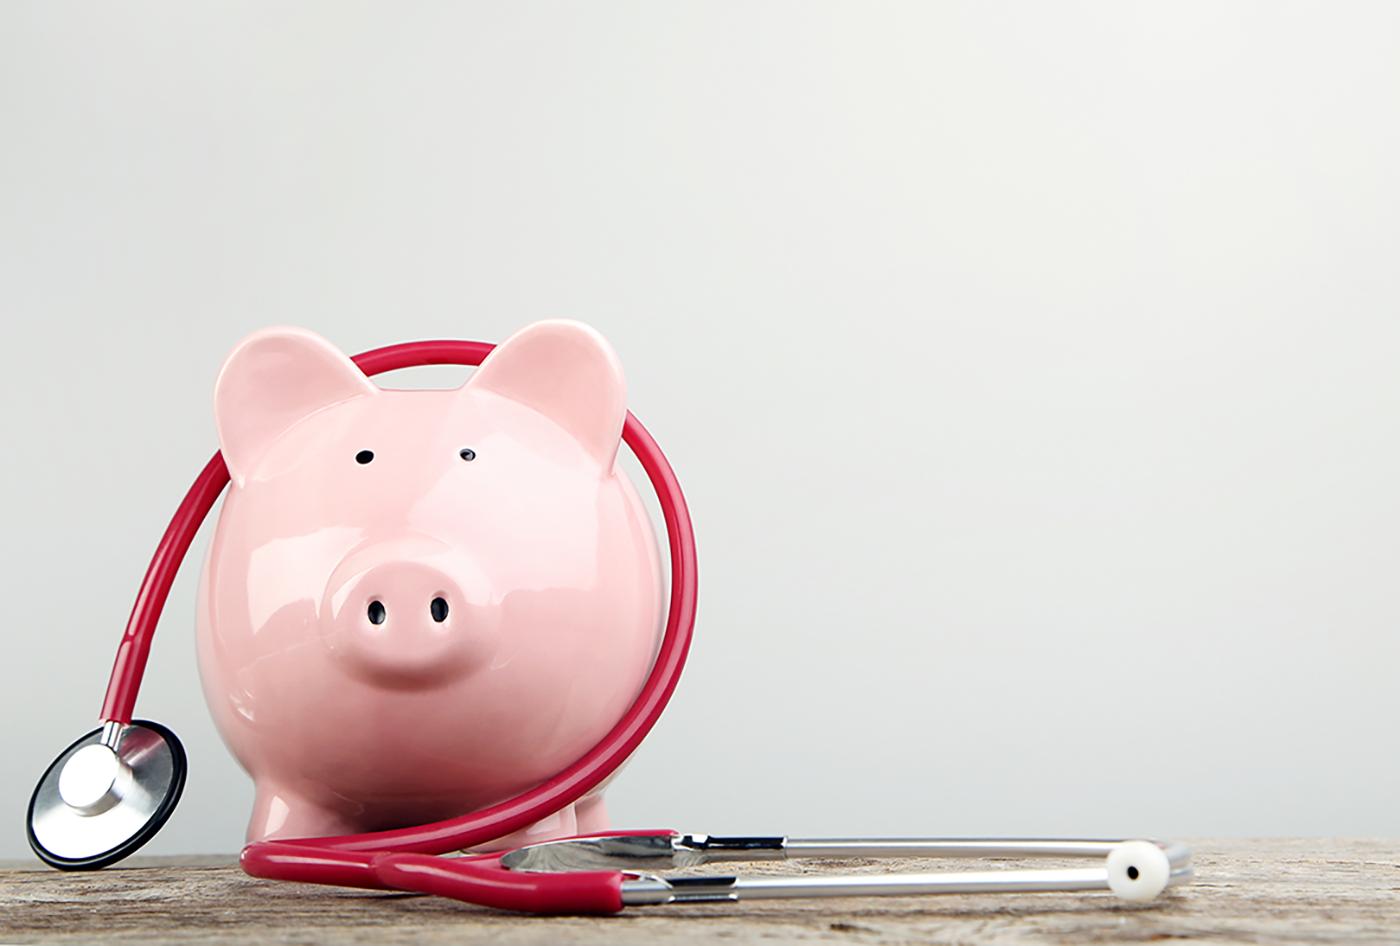 Re-establishing Post-COVID Financial Health